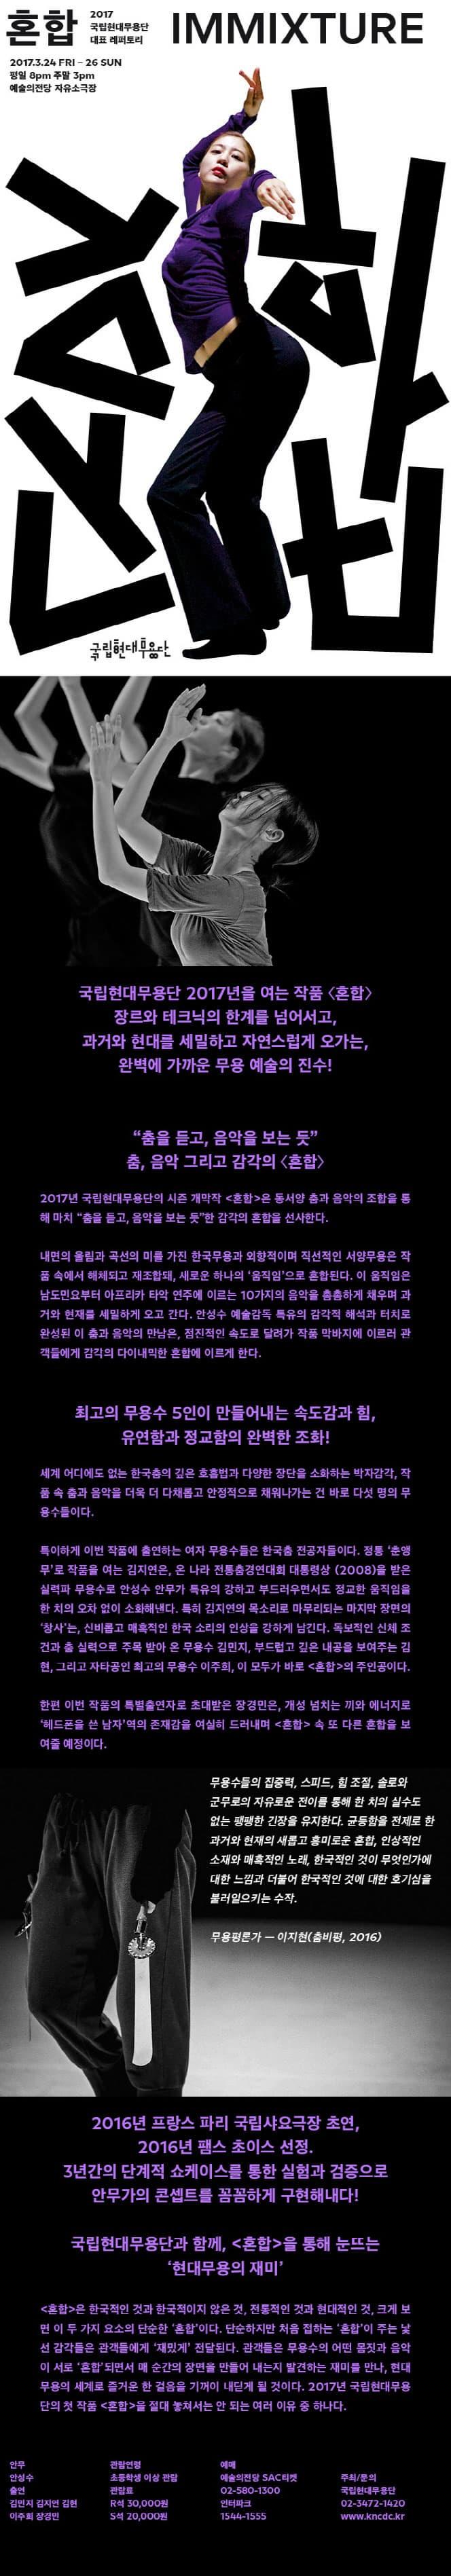 국립현대무용단 대표 레퍼토리 혼합